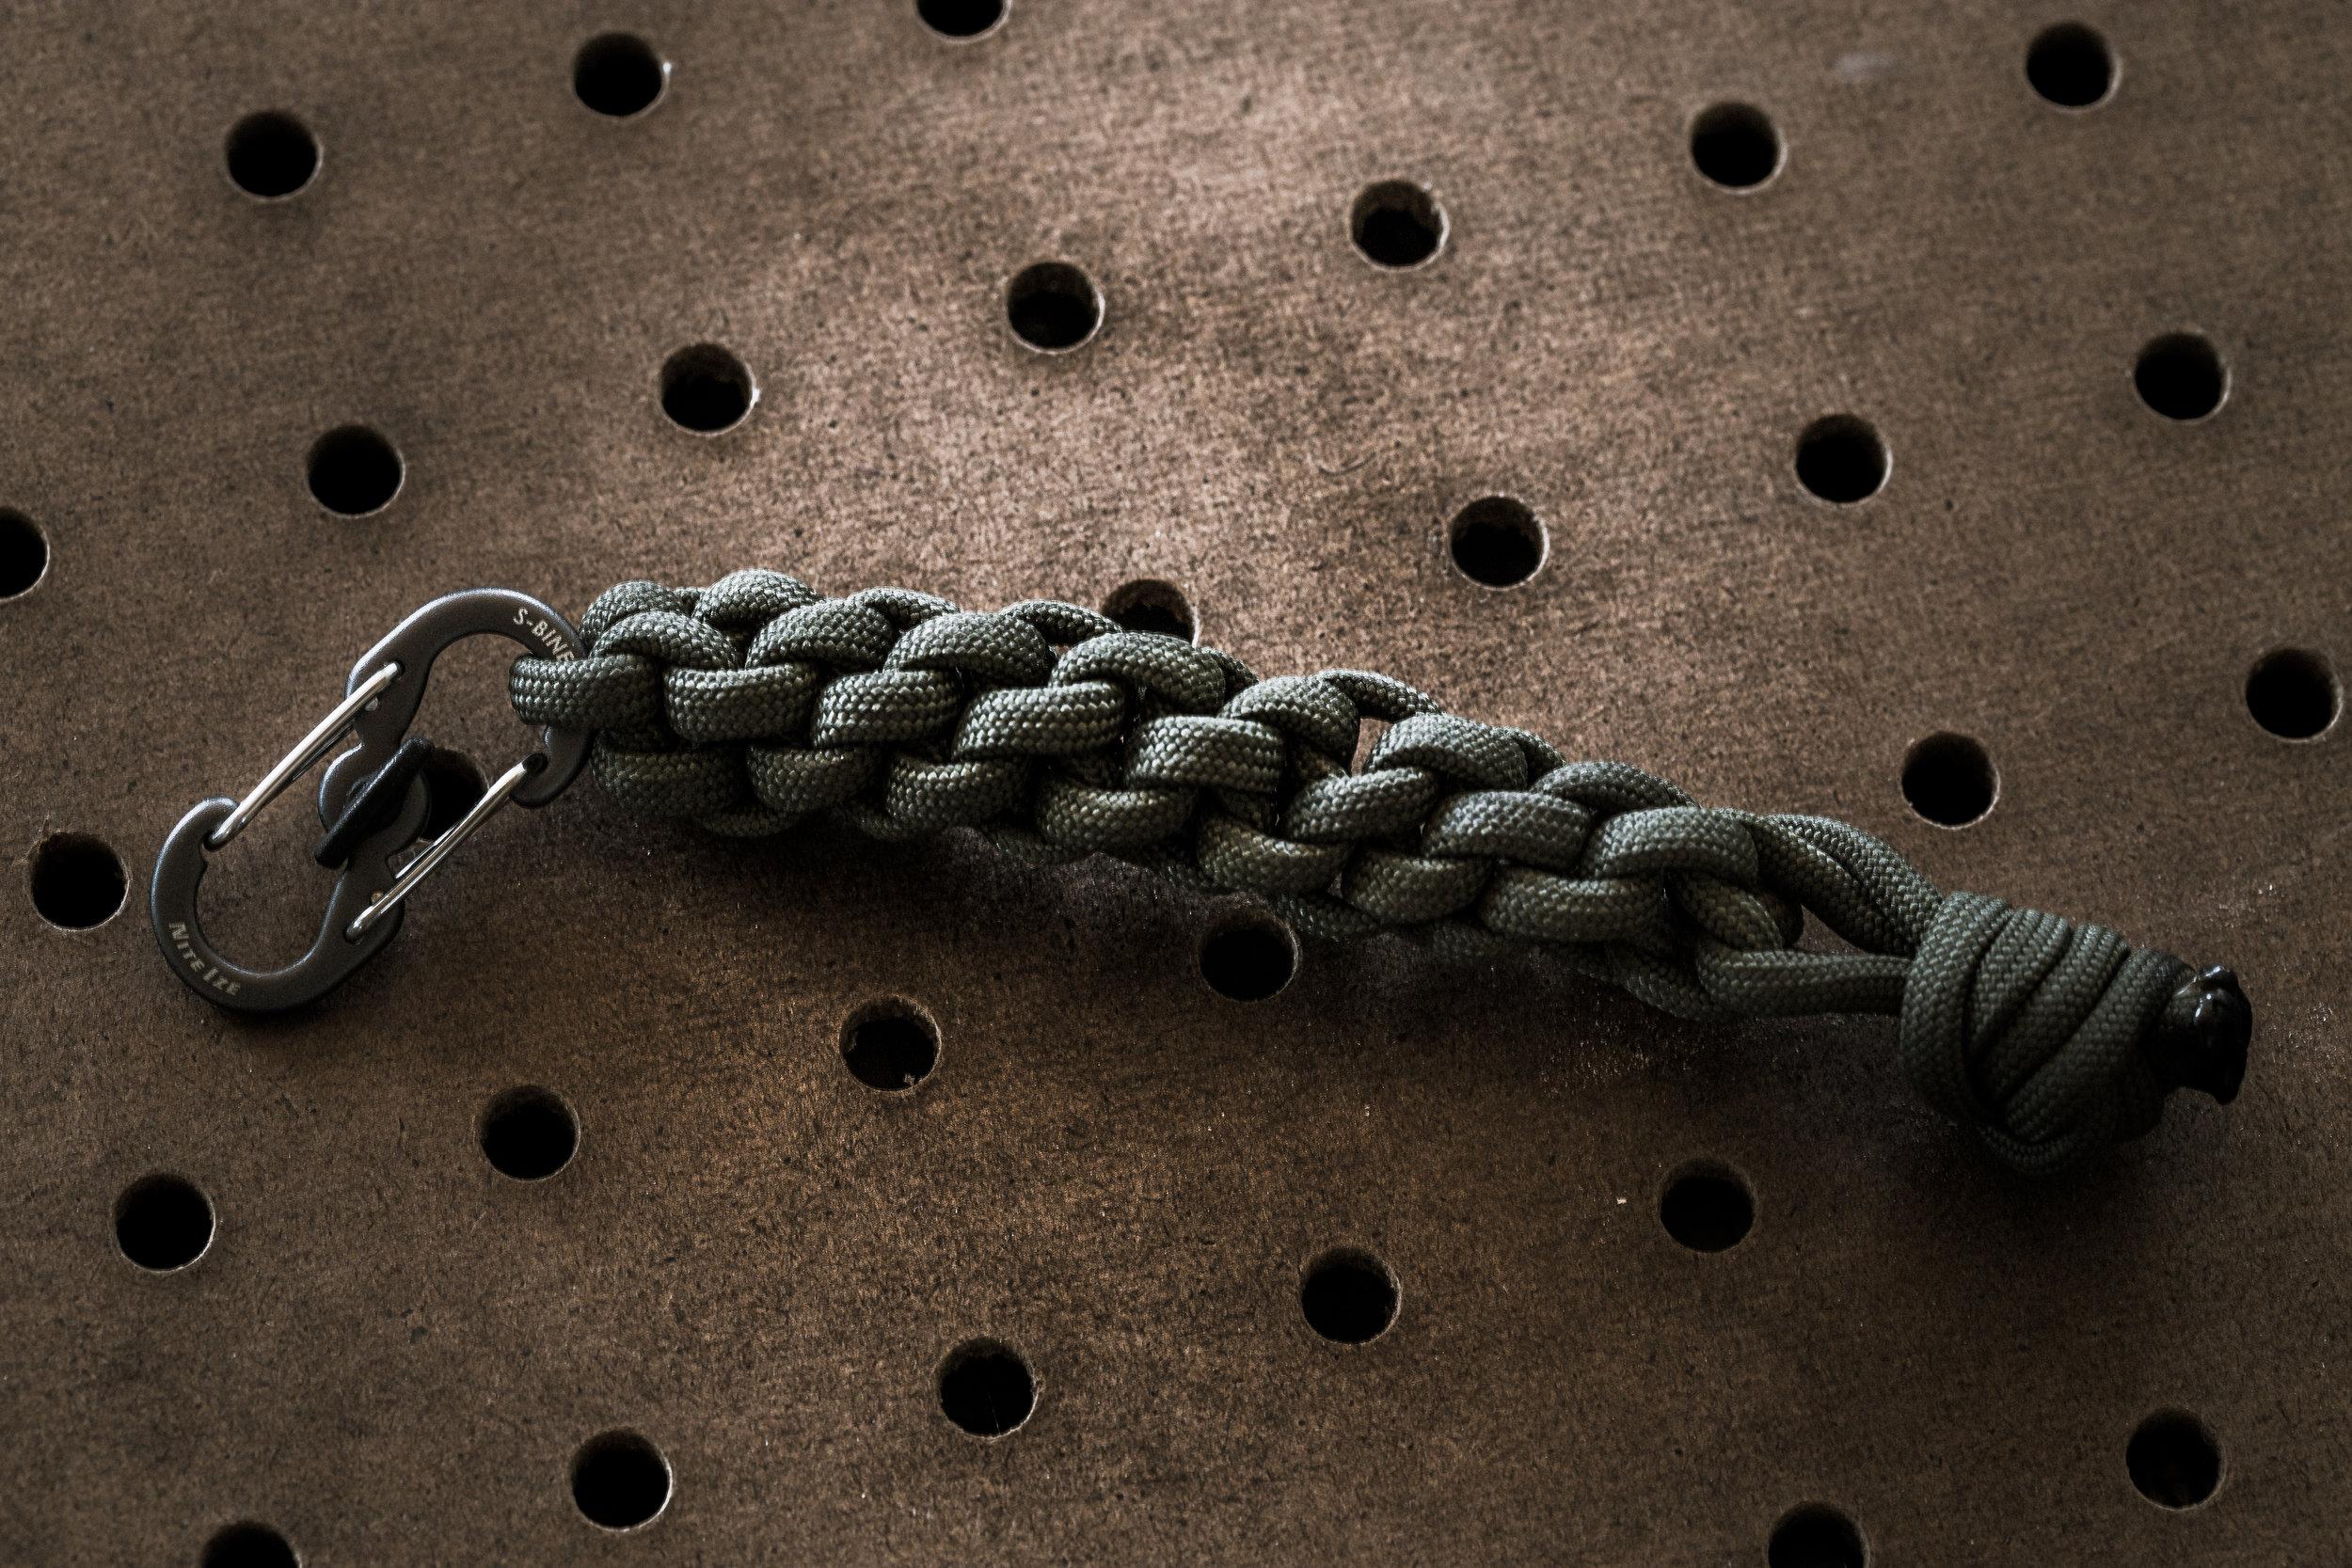 08.15.19 Niteize Zipper Pull-1.jpg